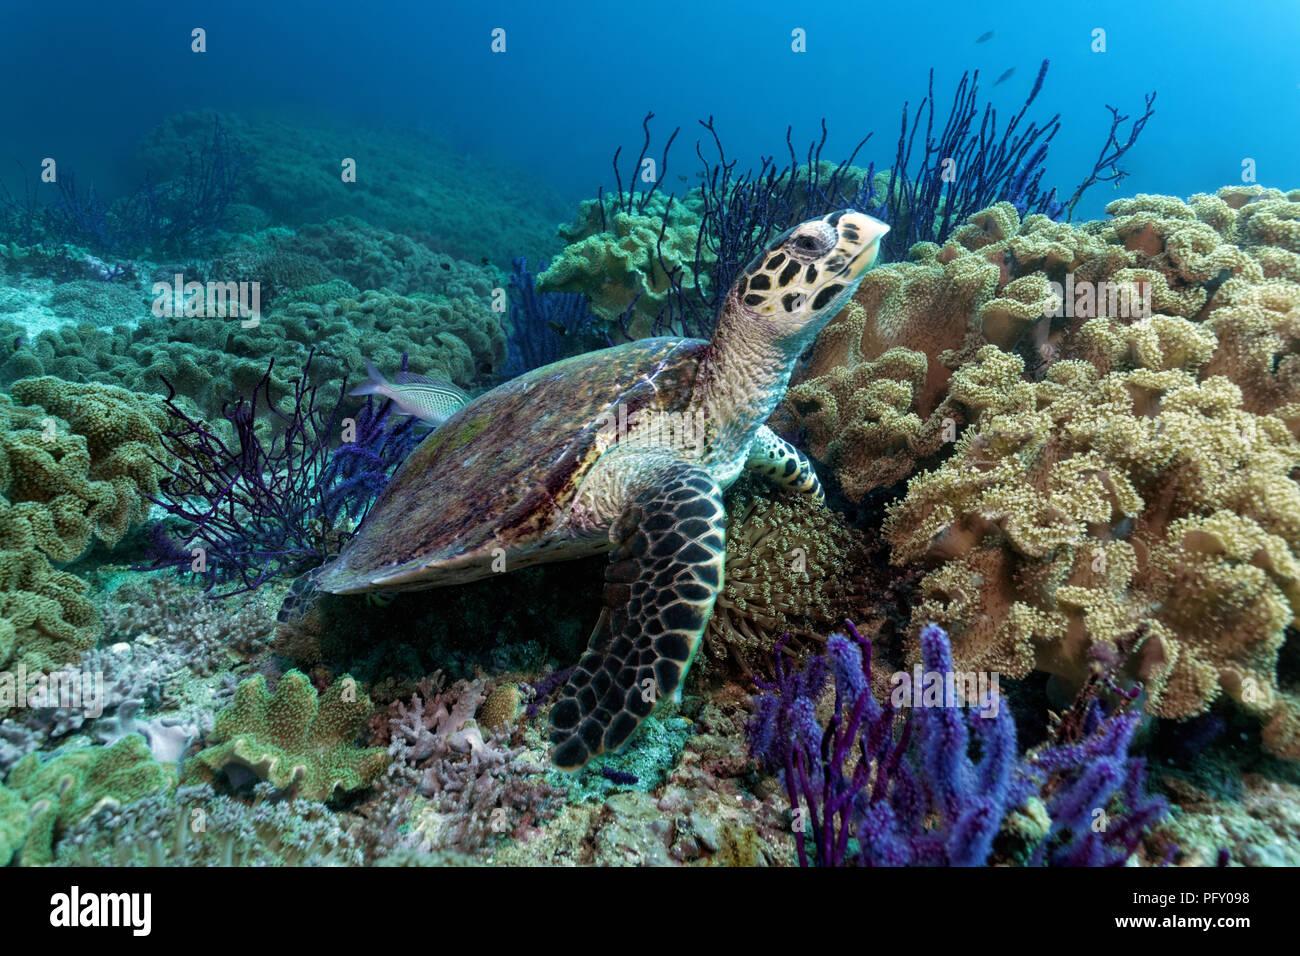 Echte Karettschildkröte (Eretmochelys imbricata), im Riff zwischen Rotem Meer Peitsche (Ellisella sp.) und Ledrigen Korallen Stockfoto